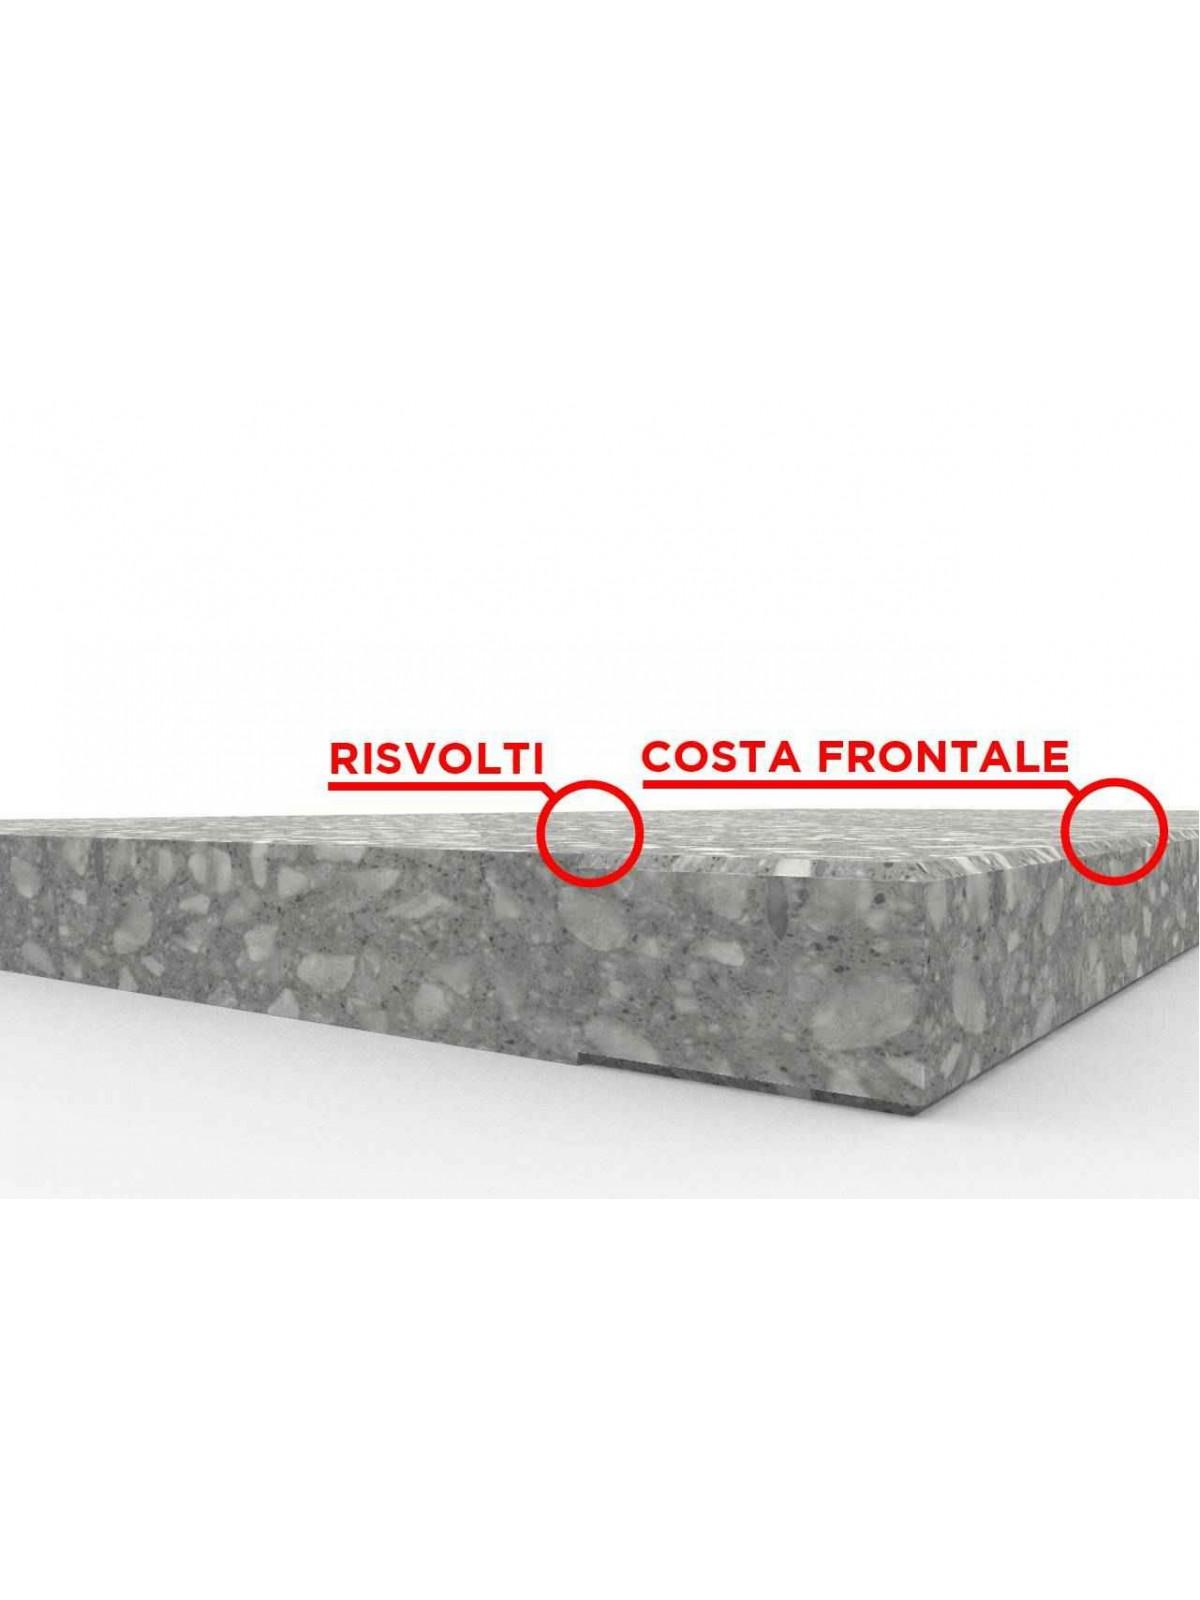 Schwelle in Terrazzo SB240 Torcello